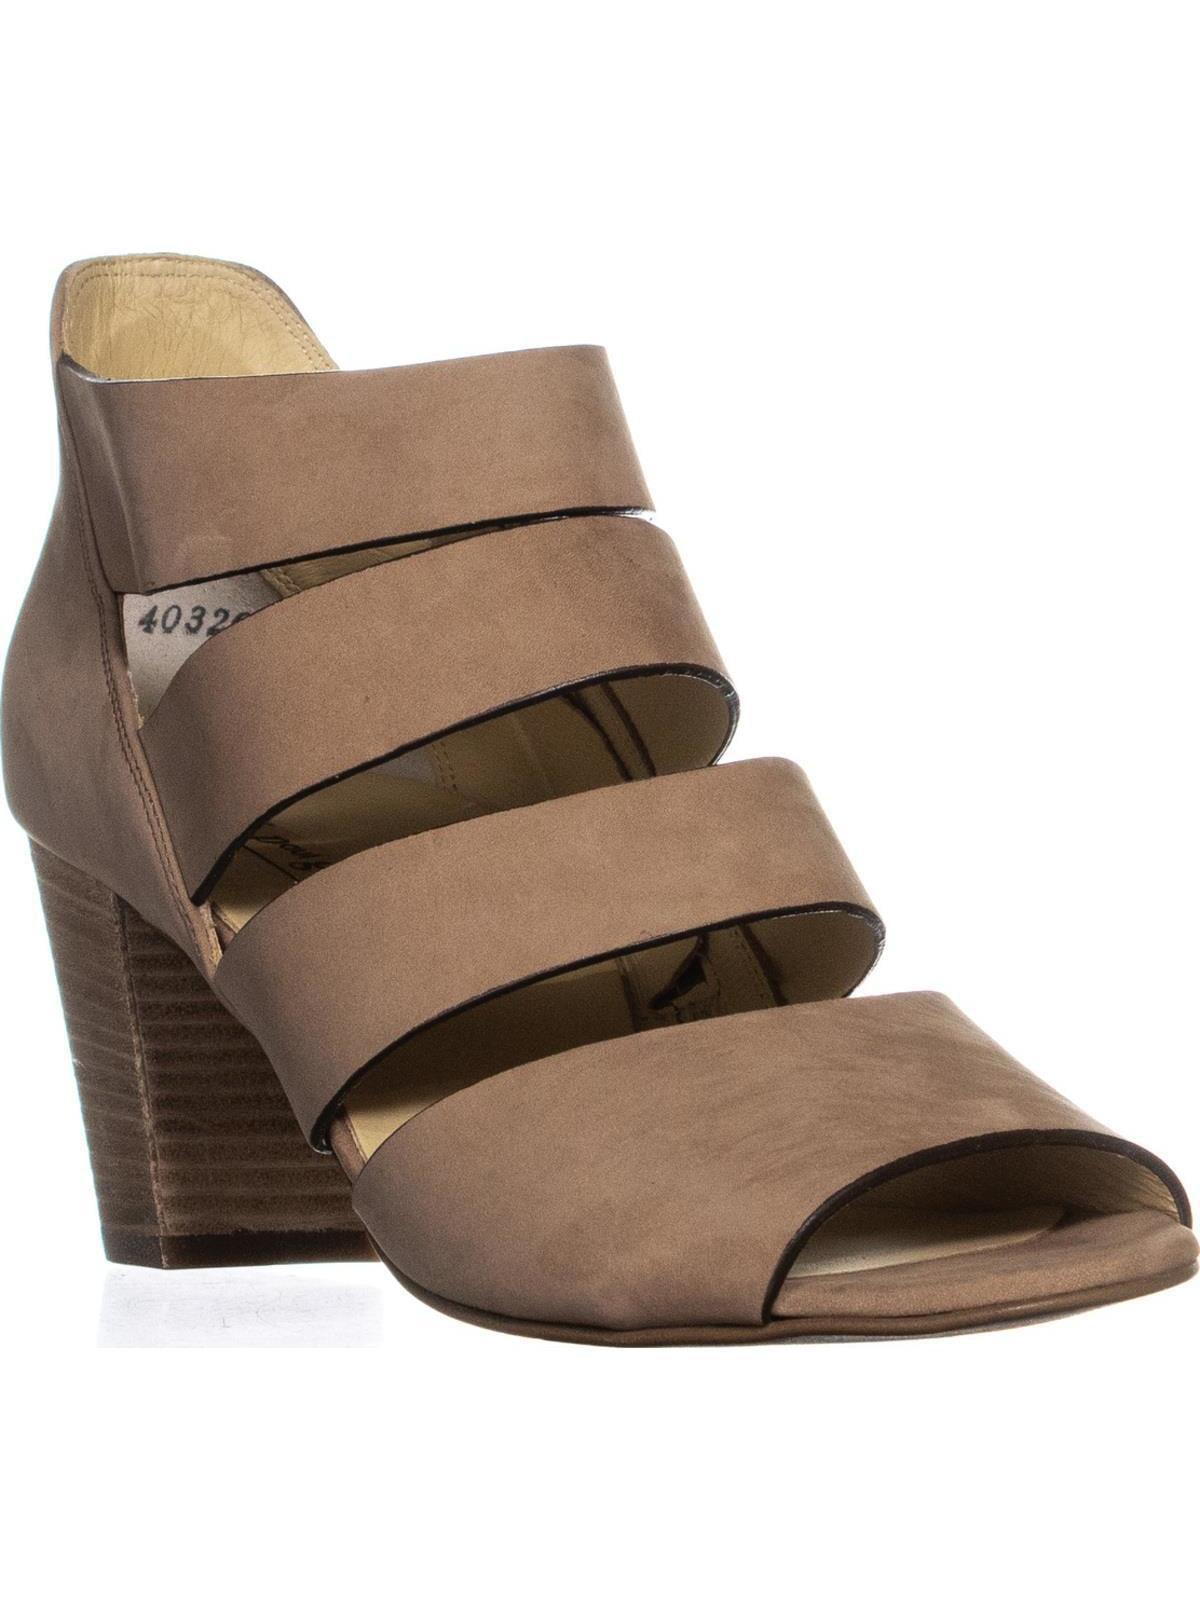 : Paul Green Womens Michele Nubuck Strappy Heels